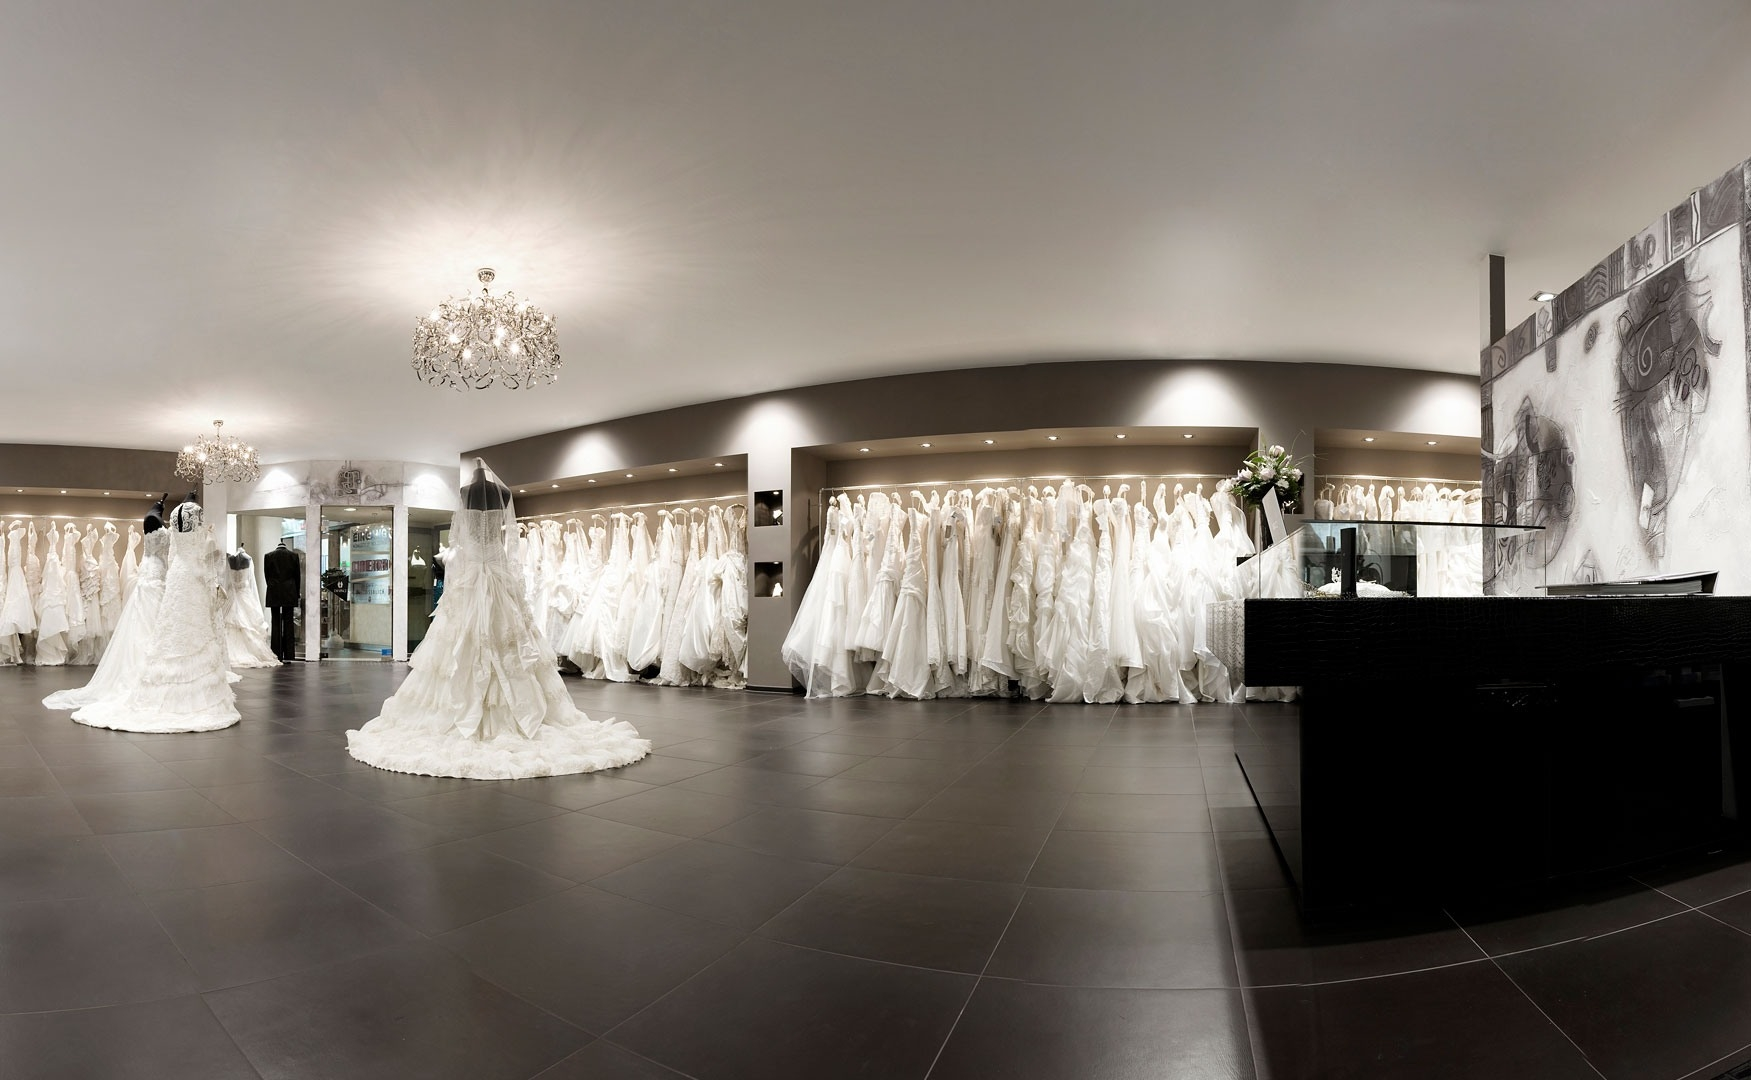 13 Wunderbar Brautkleid Shop Bester Preis20 Luxurius Brautkleid Shop Design